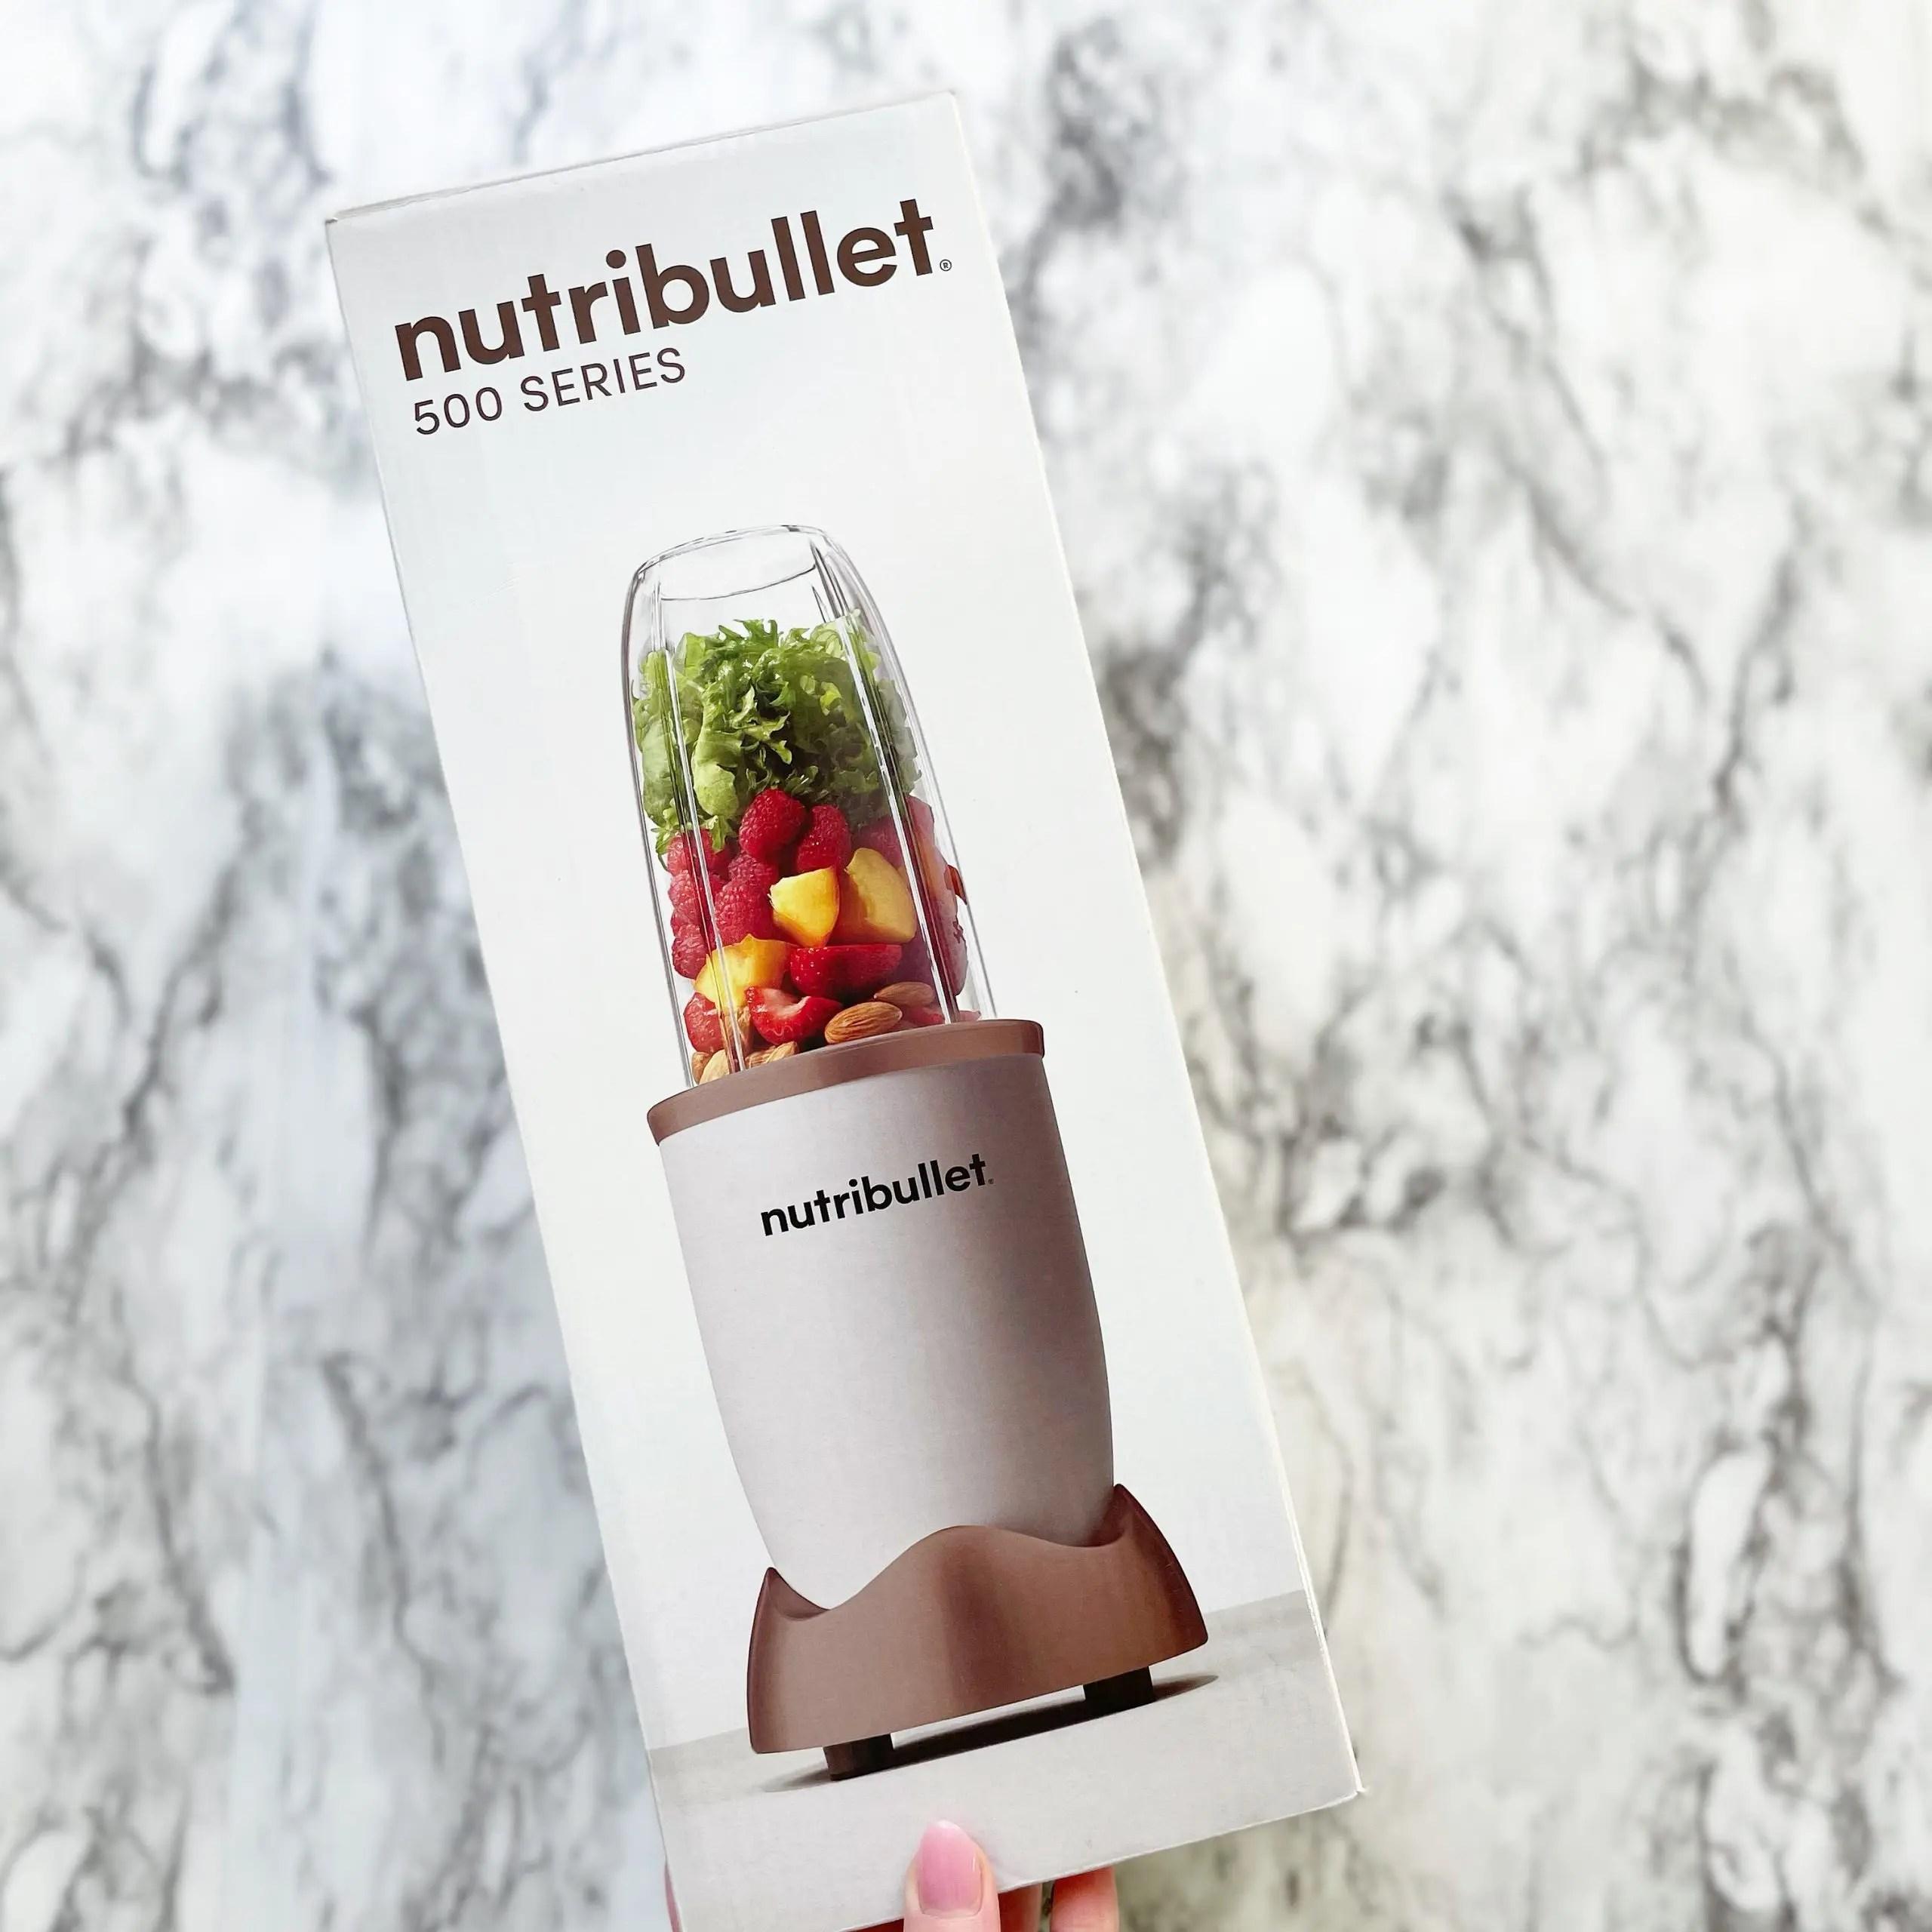 NutriBullet 500 Blender matte white and rose gold